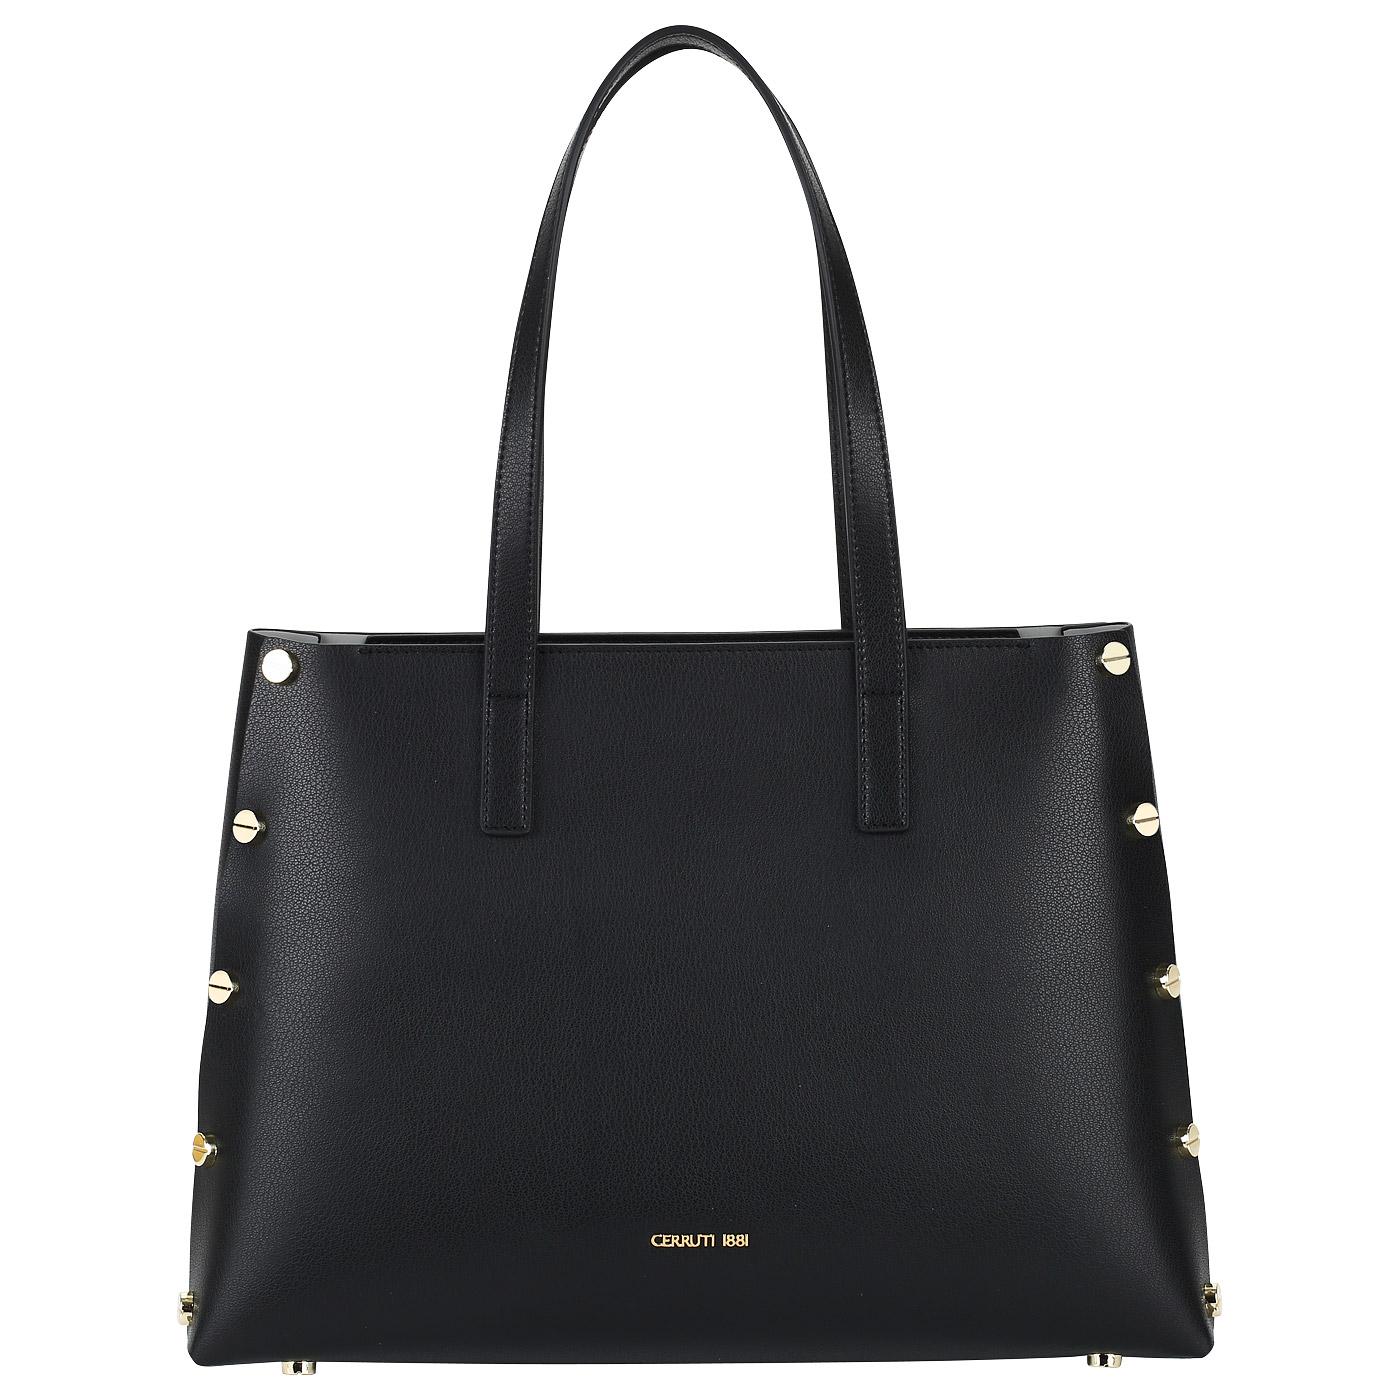 417c292bded8 Женская сумка из черной кожи Cerruti 1881 Marina CEBA02577M_black ...